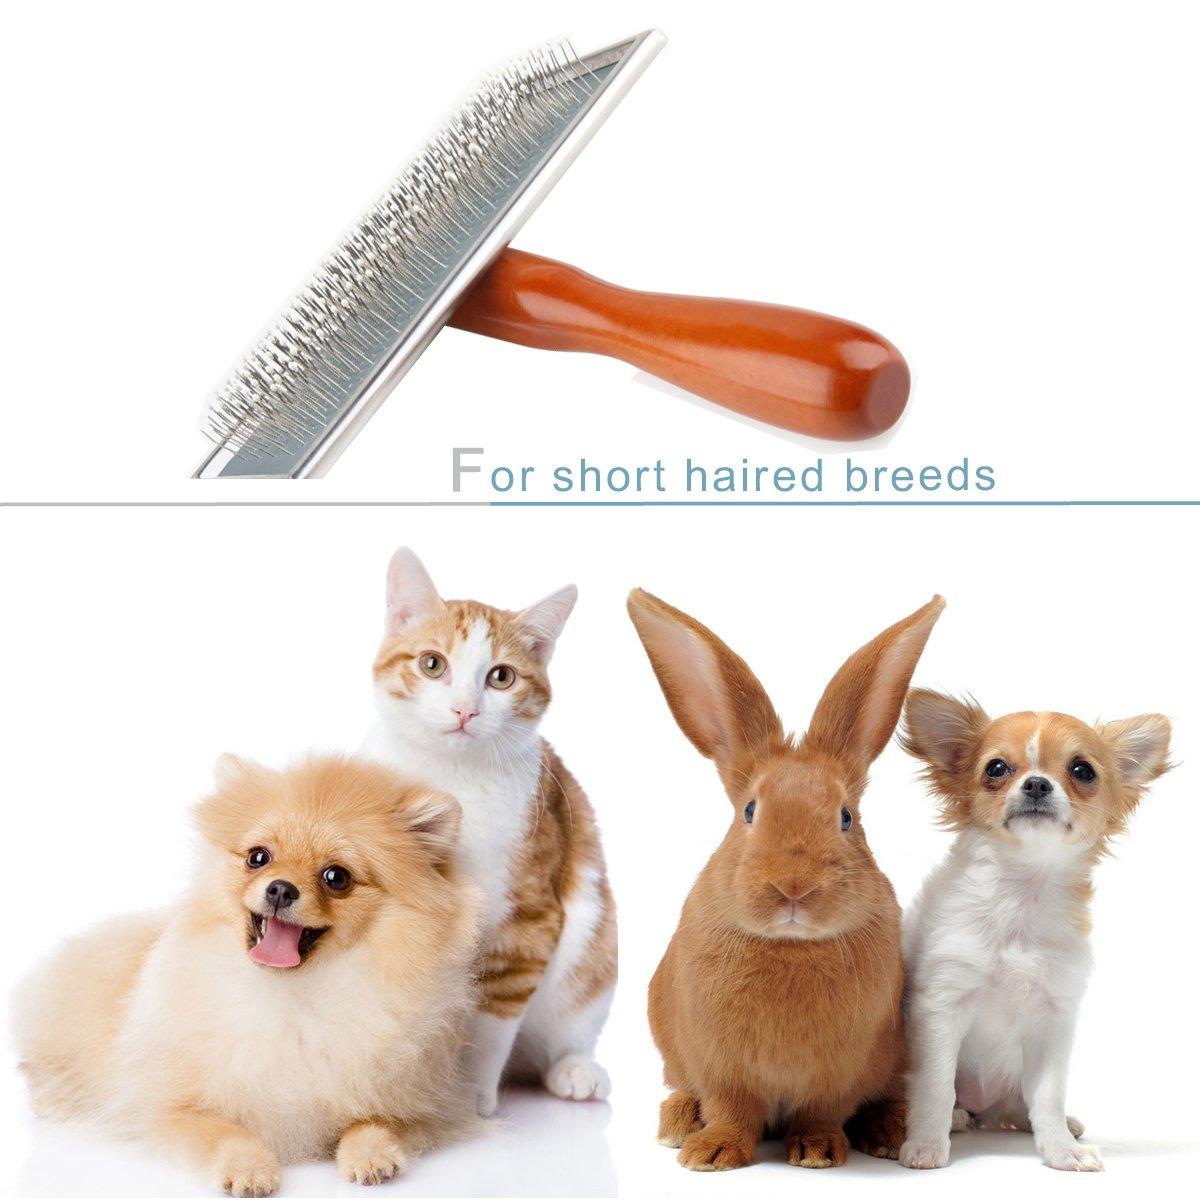 Aseo deshedding Slicker cepillo para desenredar & Dematting pequeñas, medianas y grandes perros + gatos, con corta a largo pelo. Corte pelusa, masaje y ...